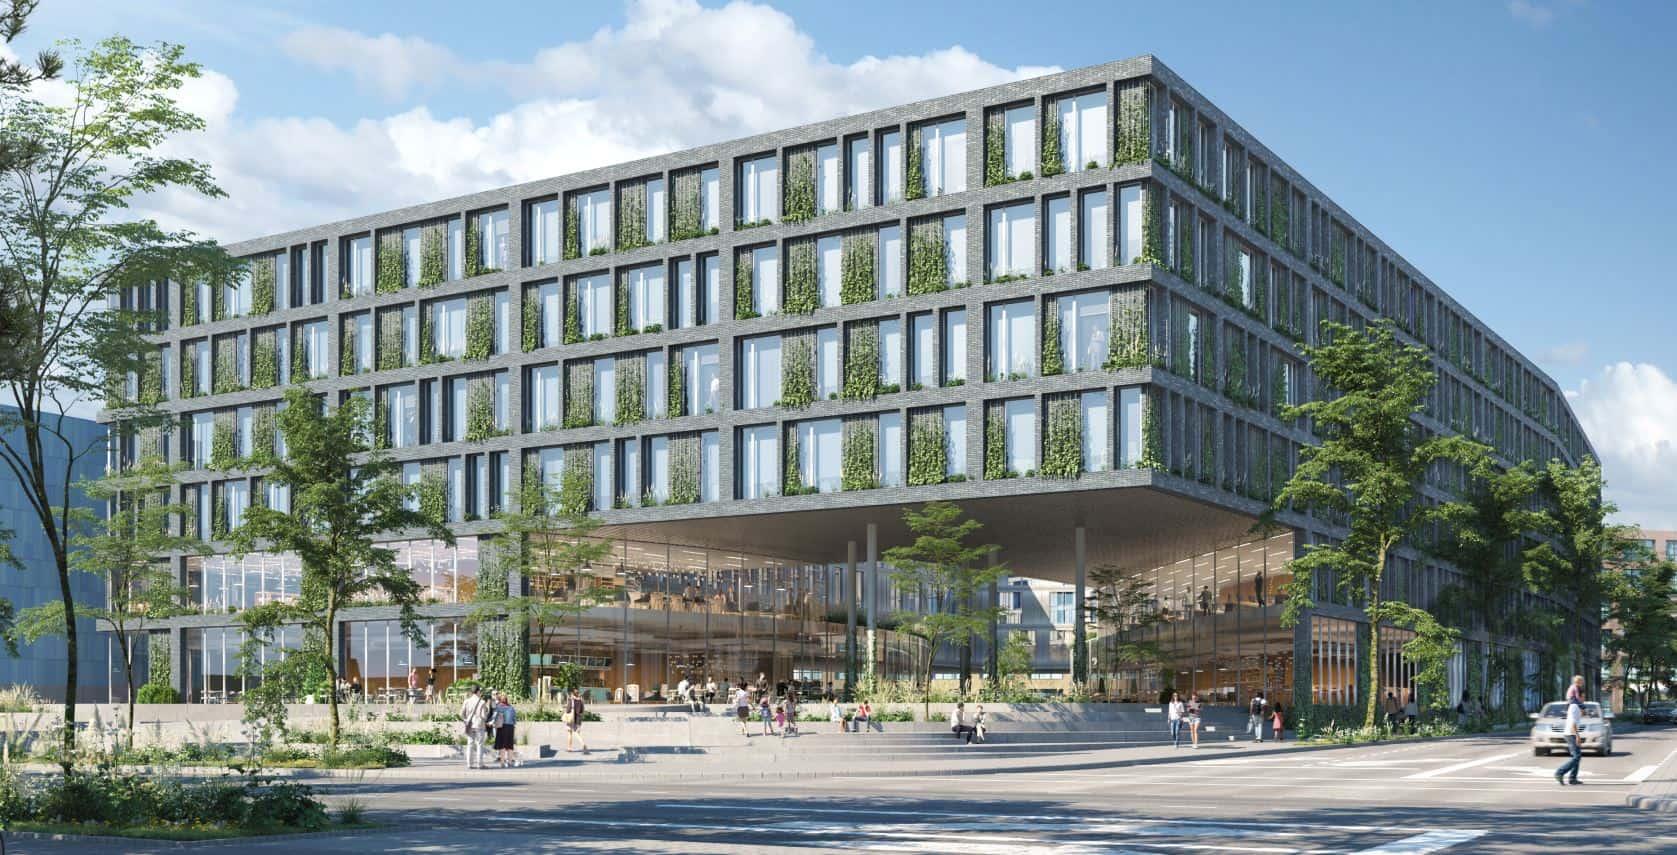 Bild: Wettberb Q20 Stuttgart Rendering Toreingang Süd, Image: Lucianr, Architektur Henning Larsen